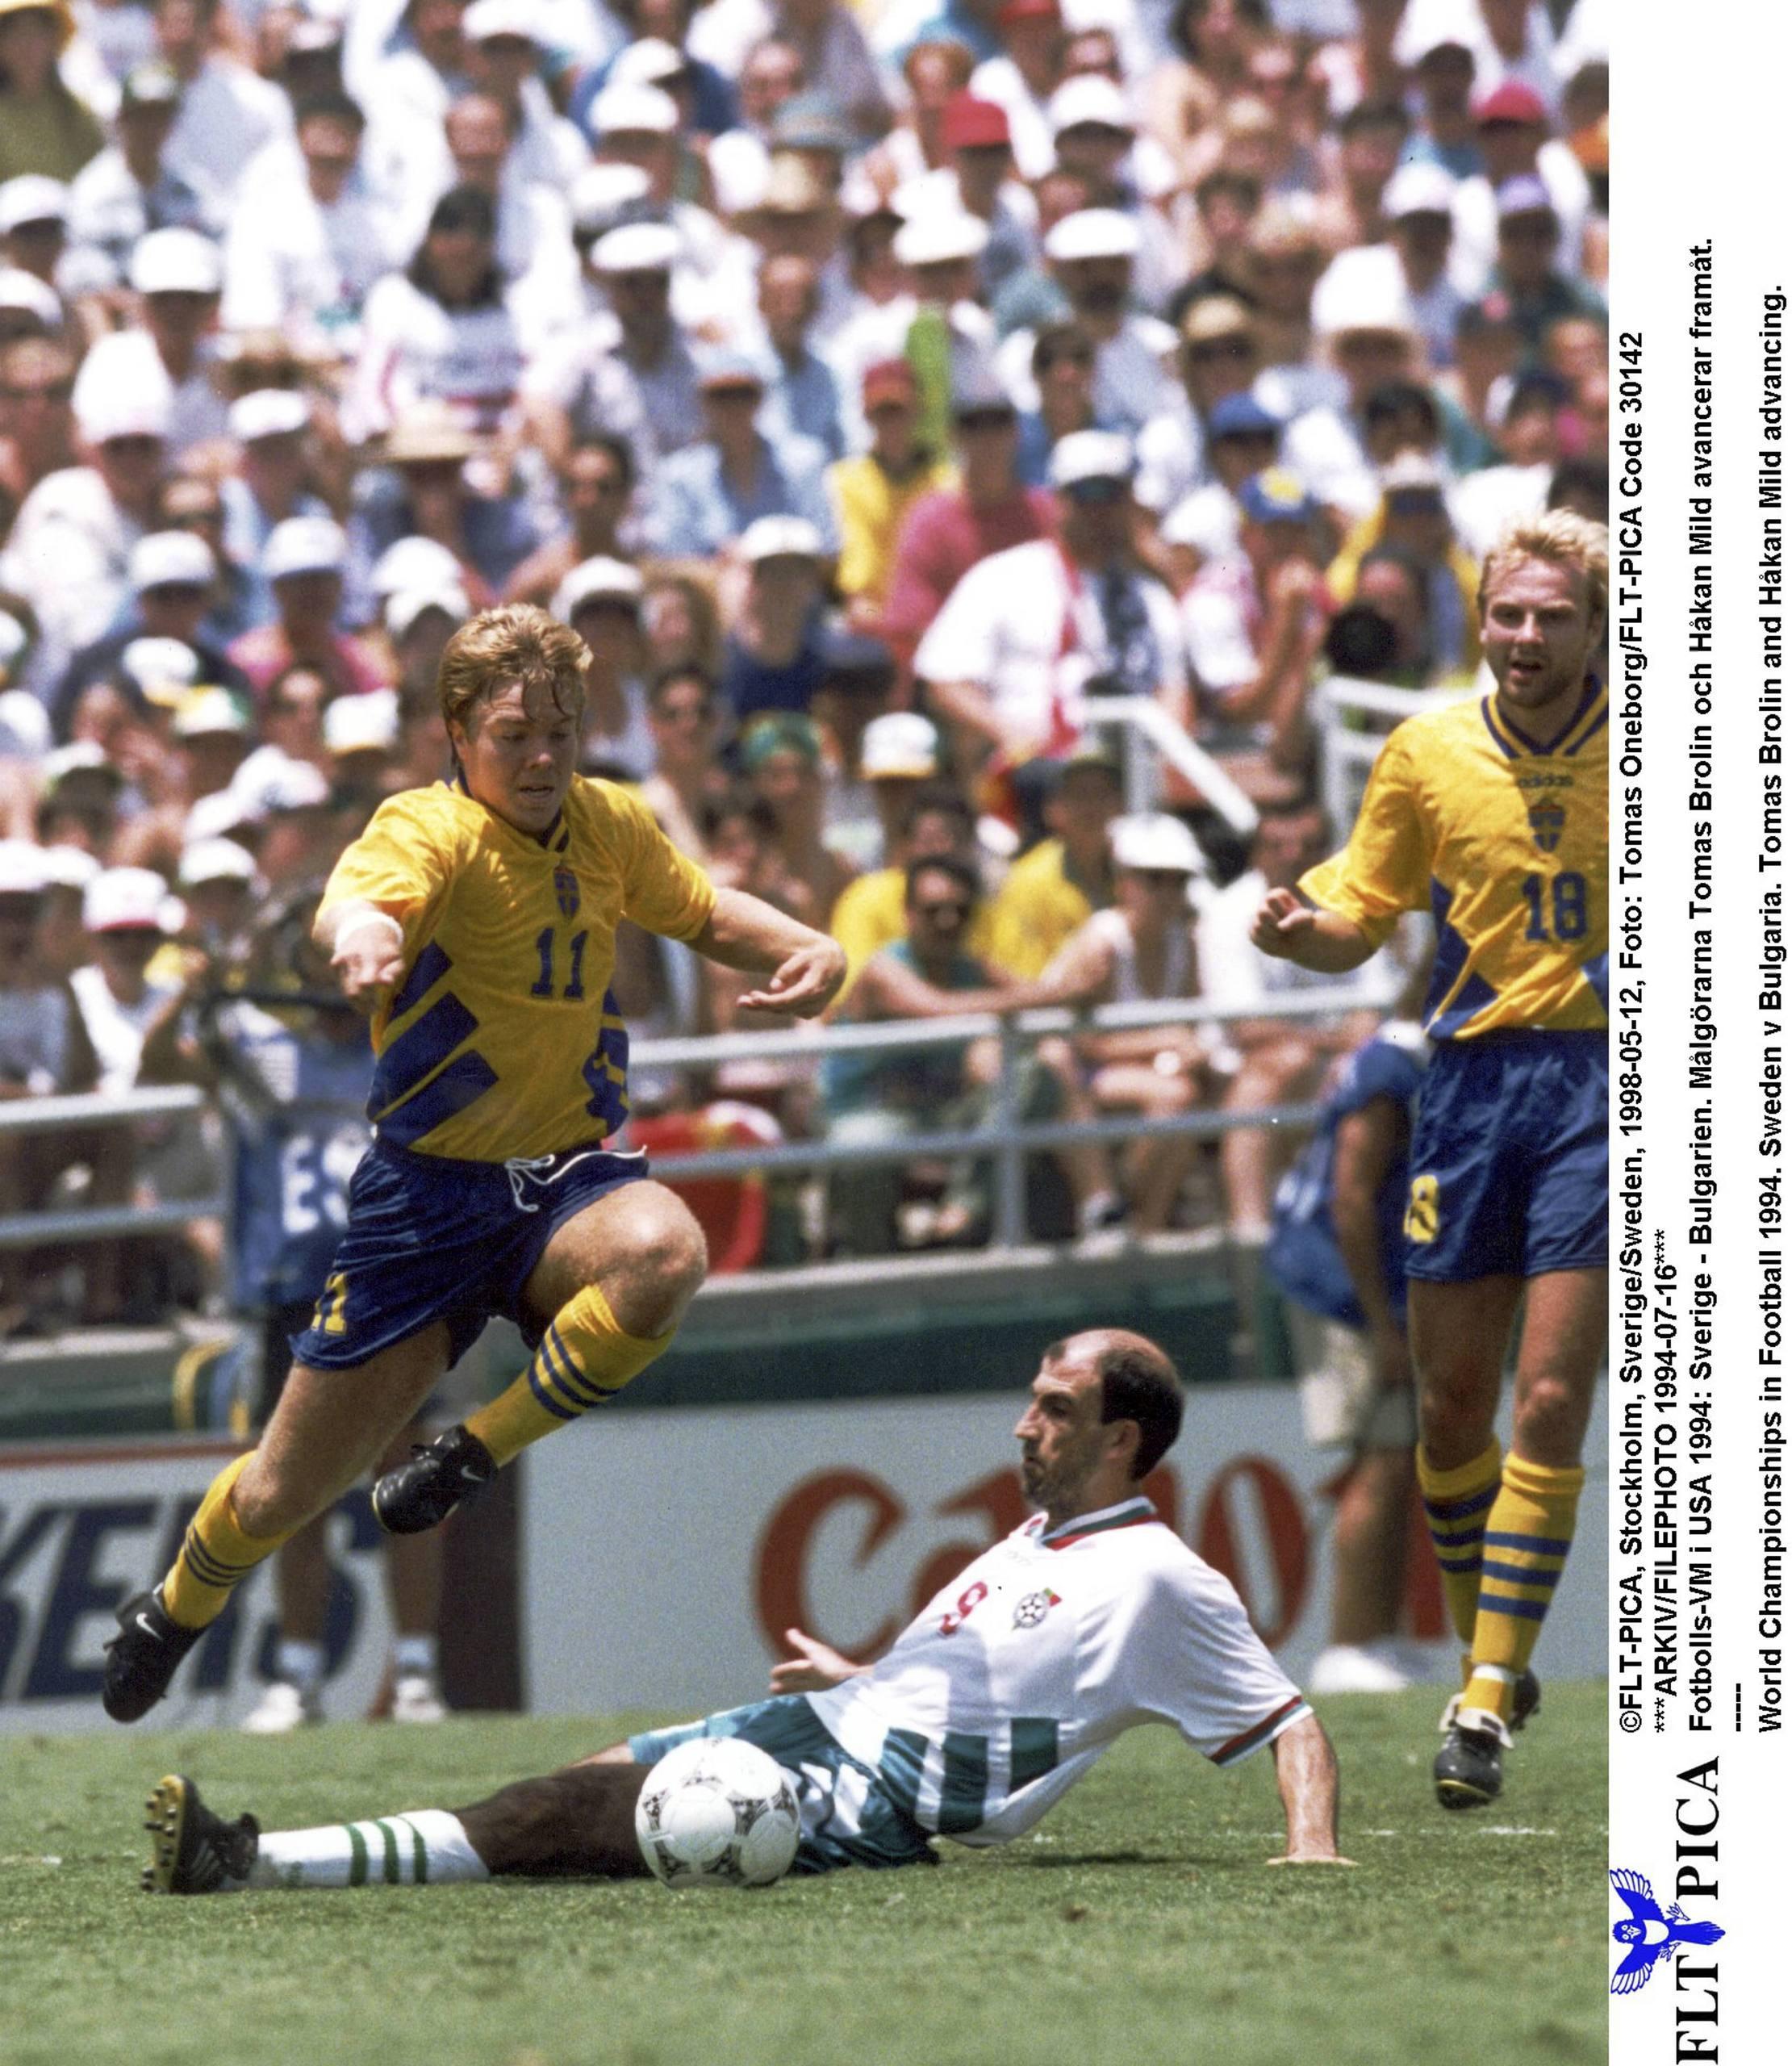 Kort om sport fotboll 1998 05 30